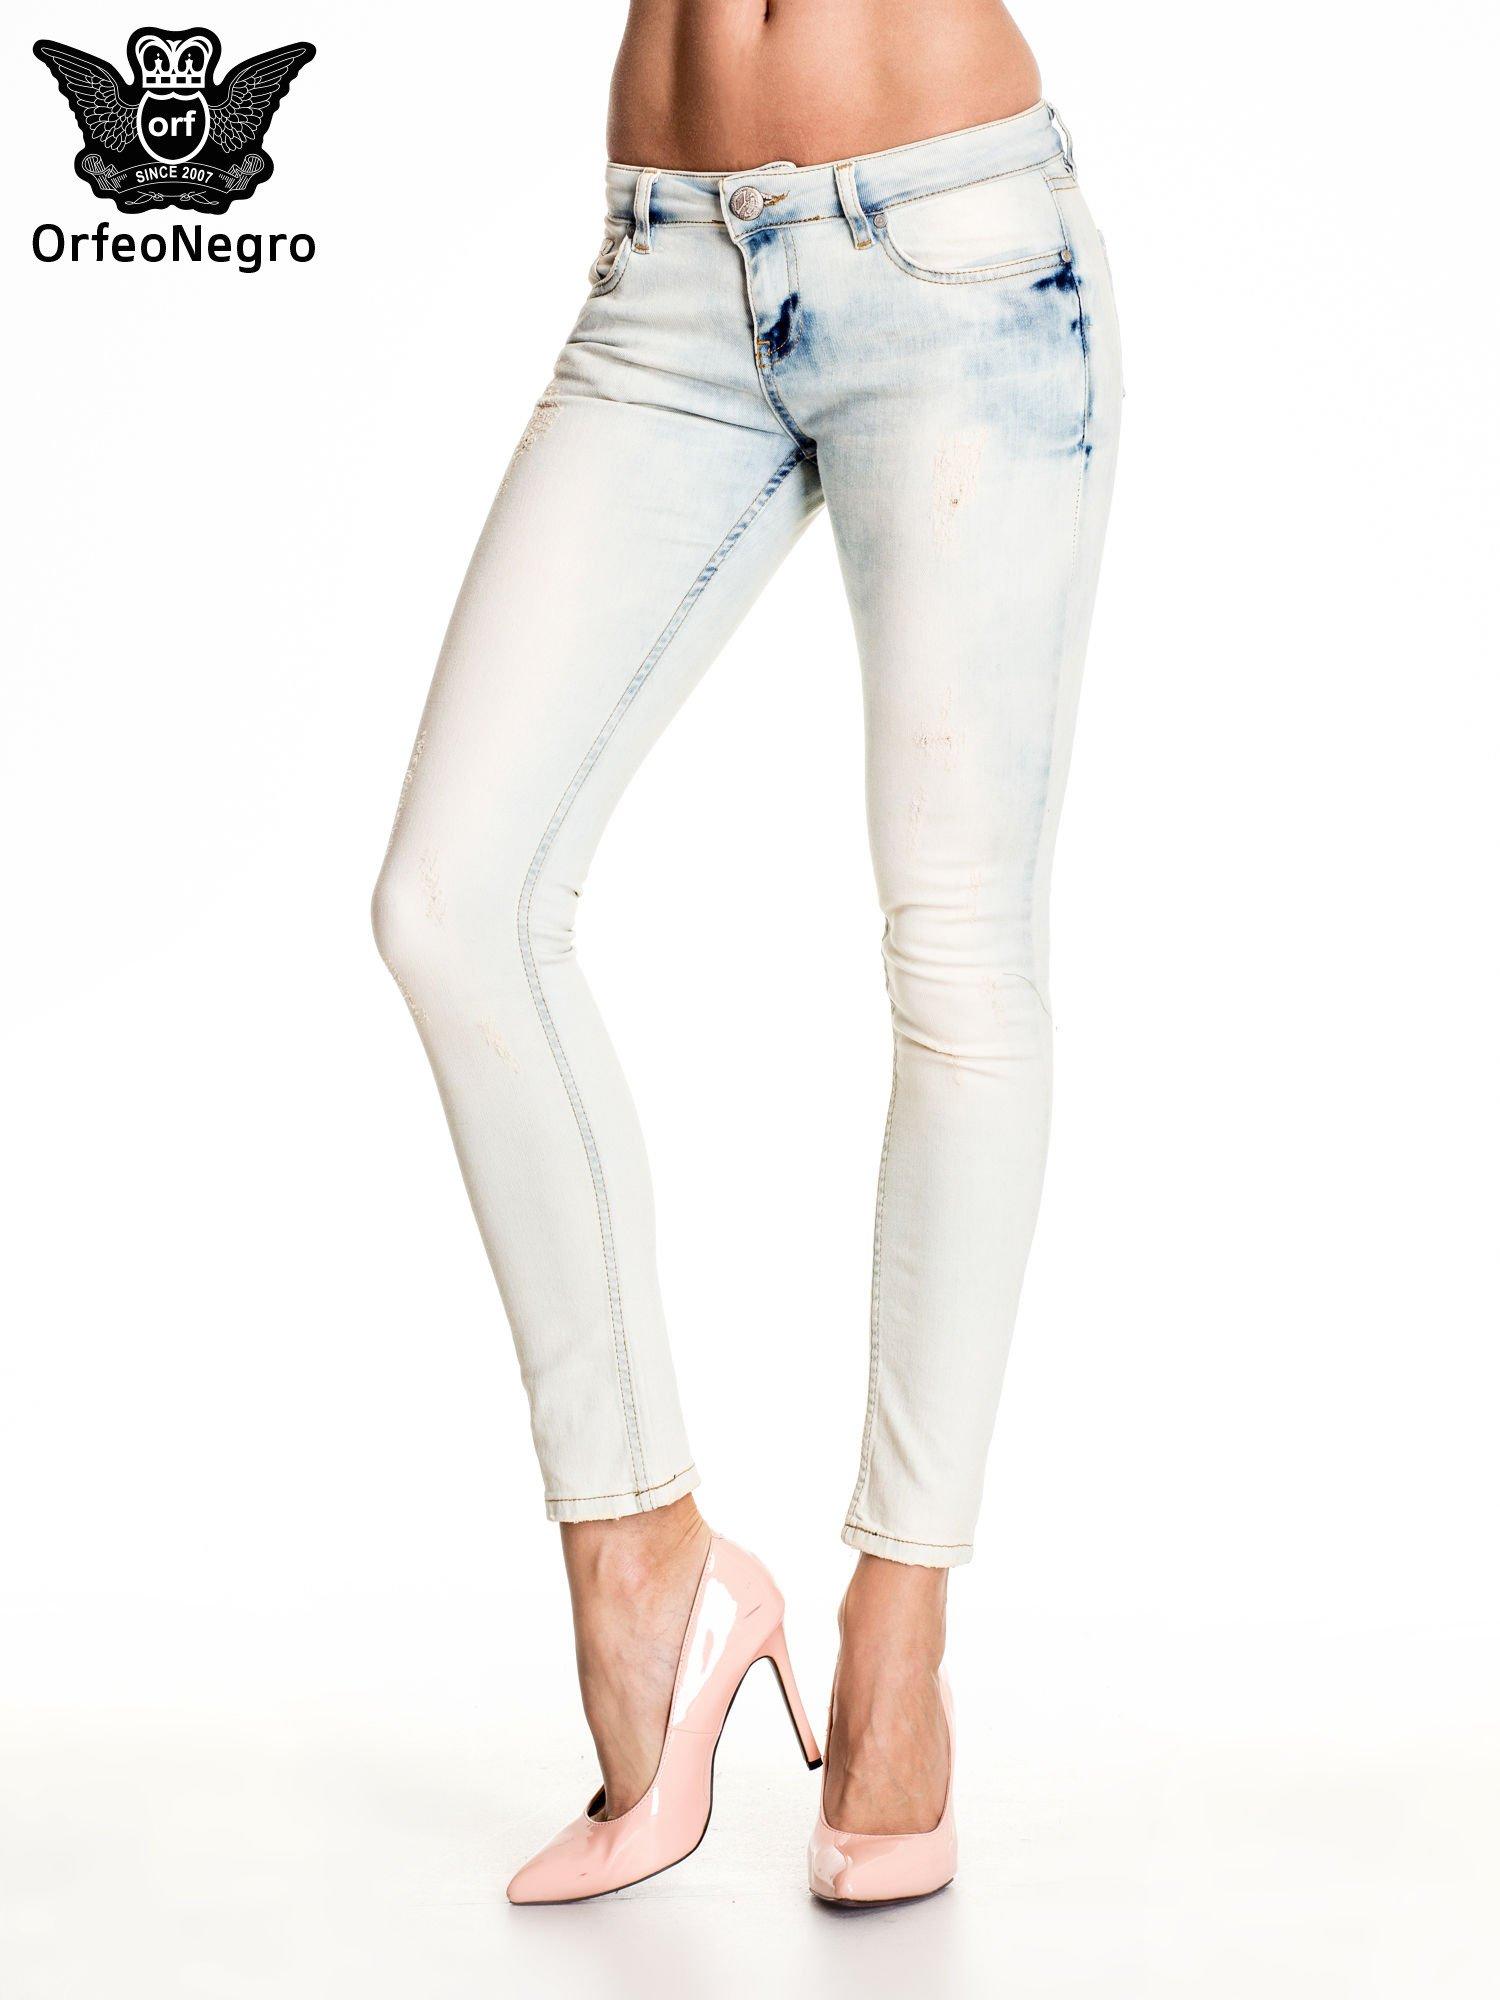 Błękitne rozjaśniane spodnie skinny jeans z przetarciami                                  zdj.                                  1